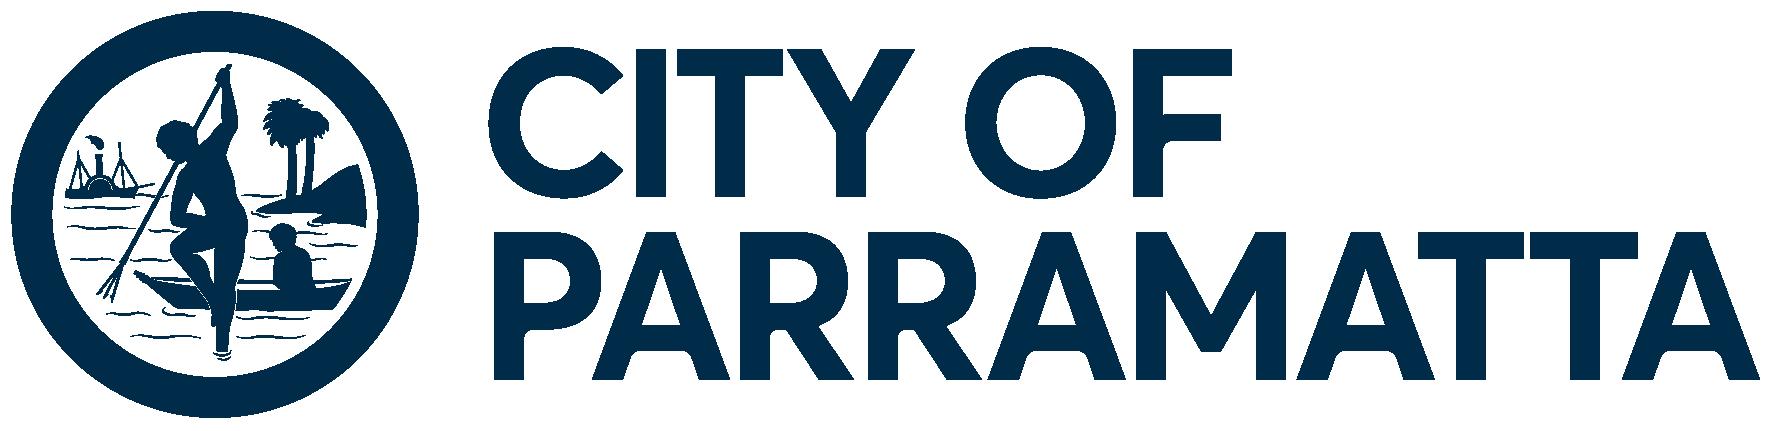 City of Parramatta logo, a partner of Spot Parking